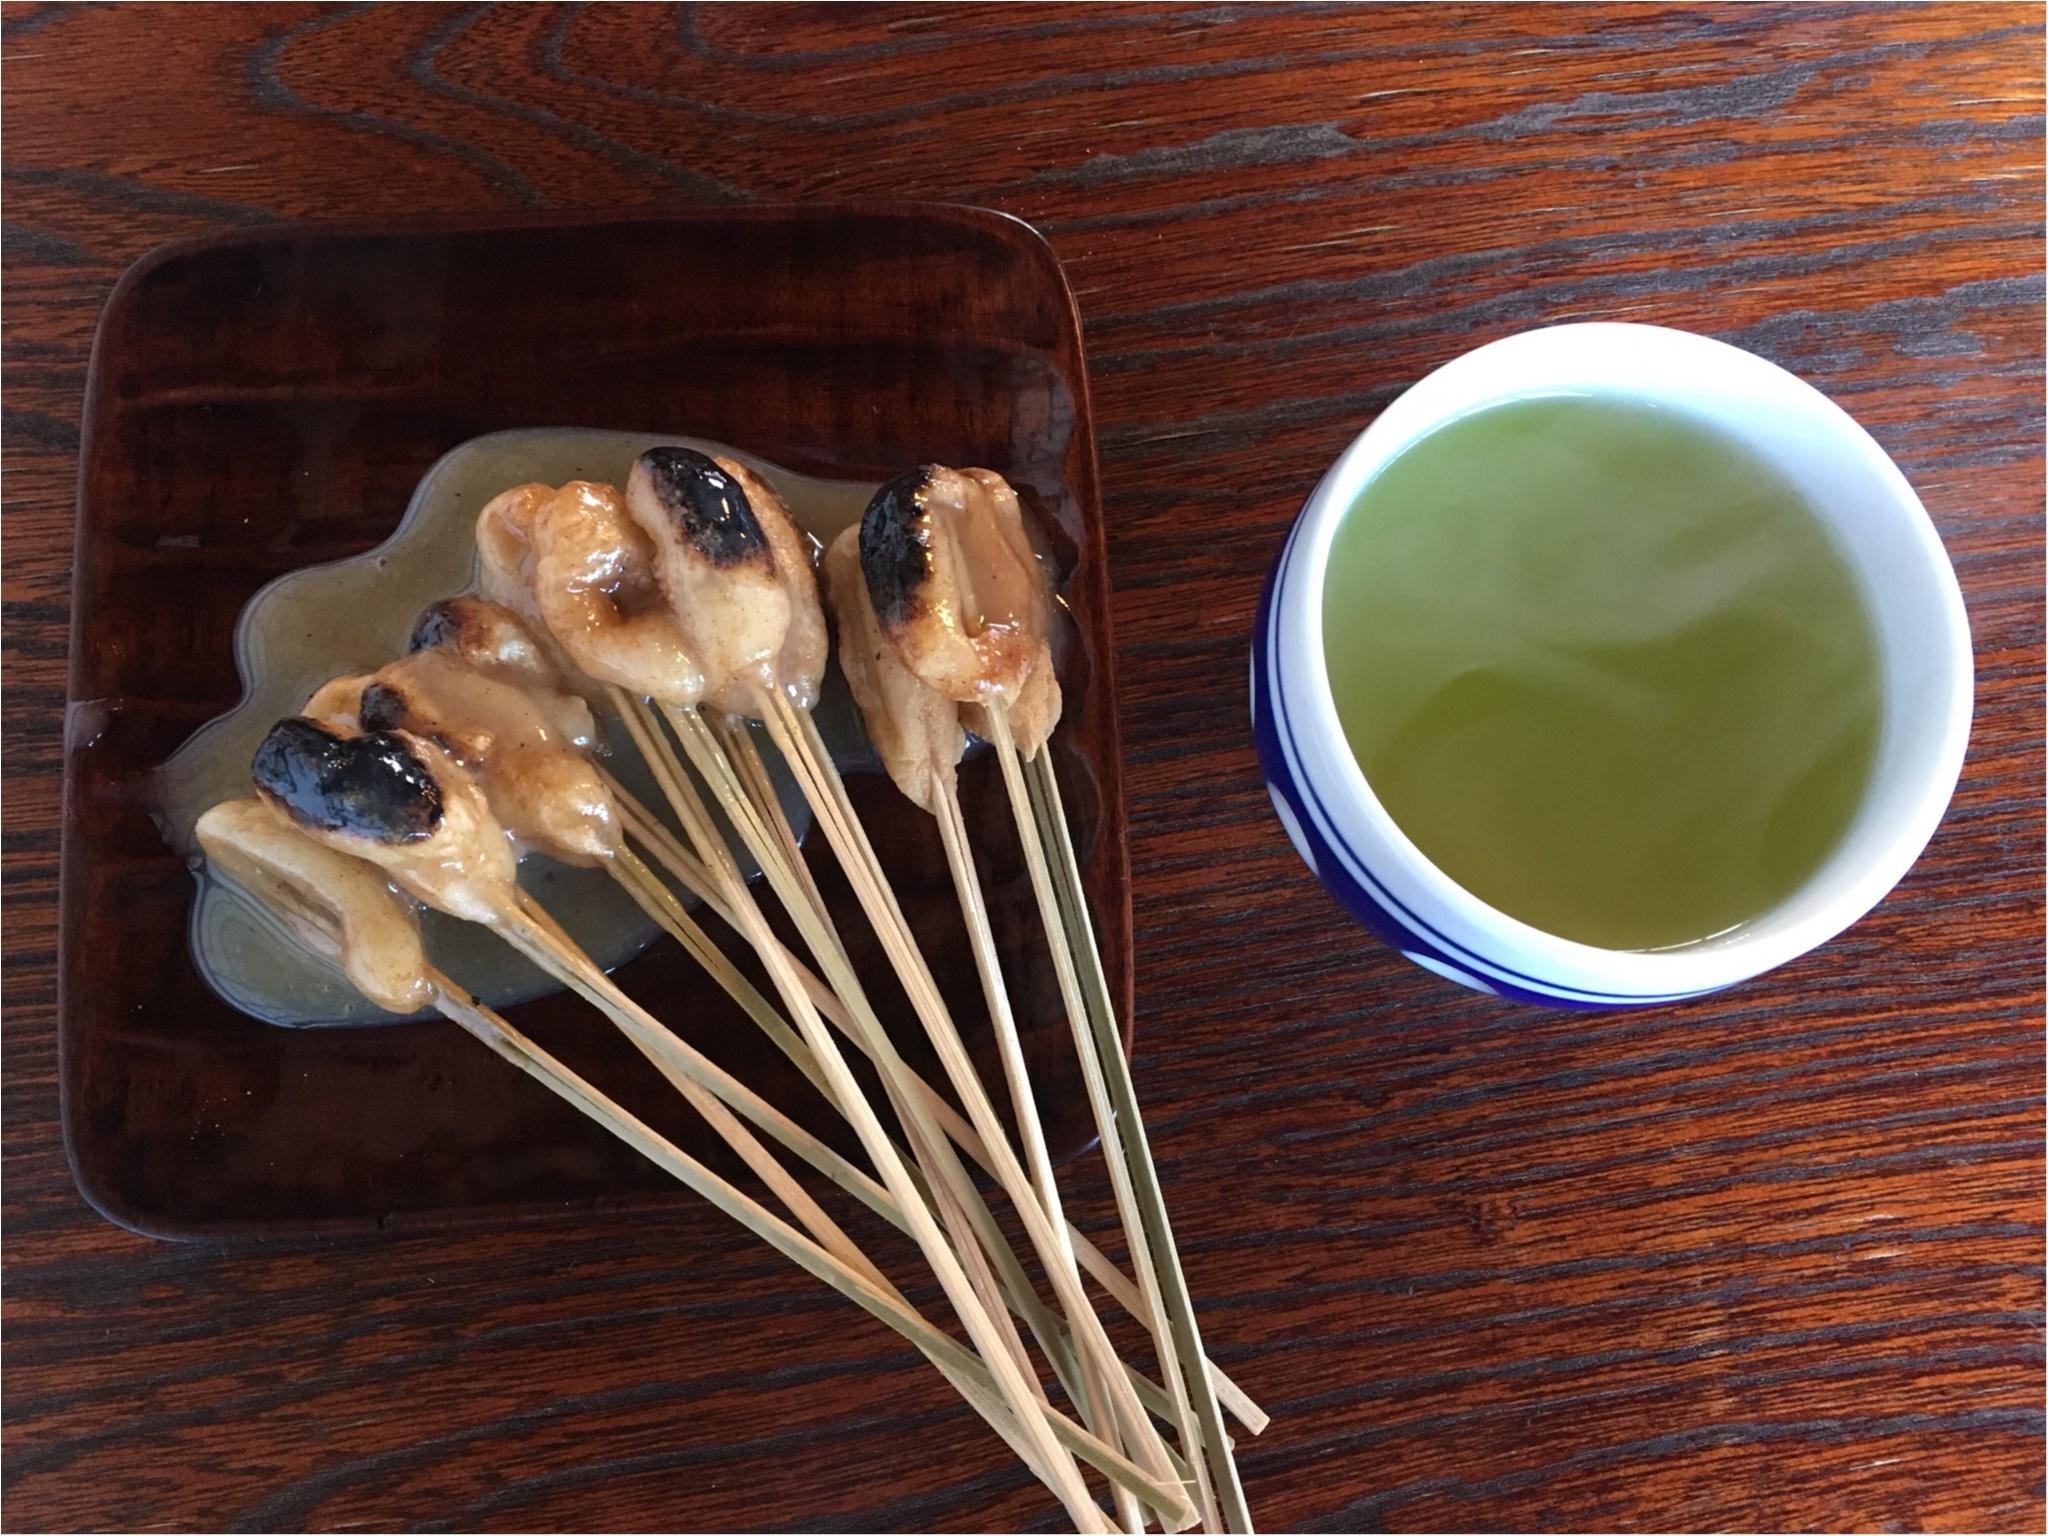 【京都】行ったら食べたい!わたしのオススメスイーツトップ3★_10